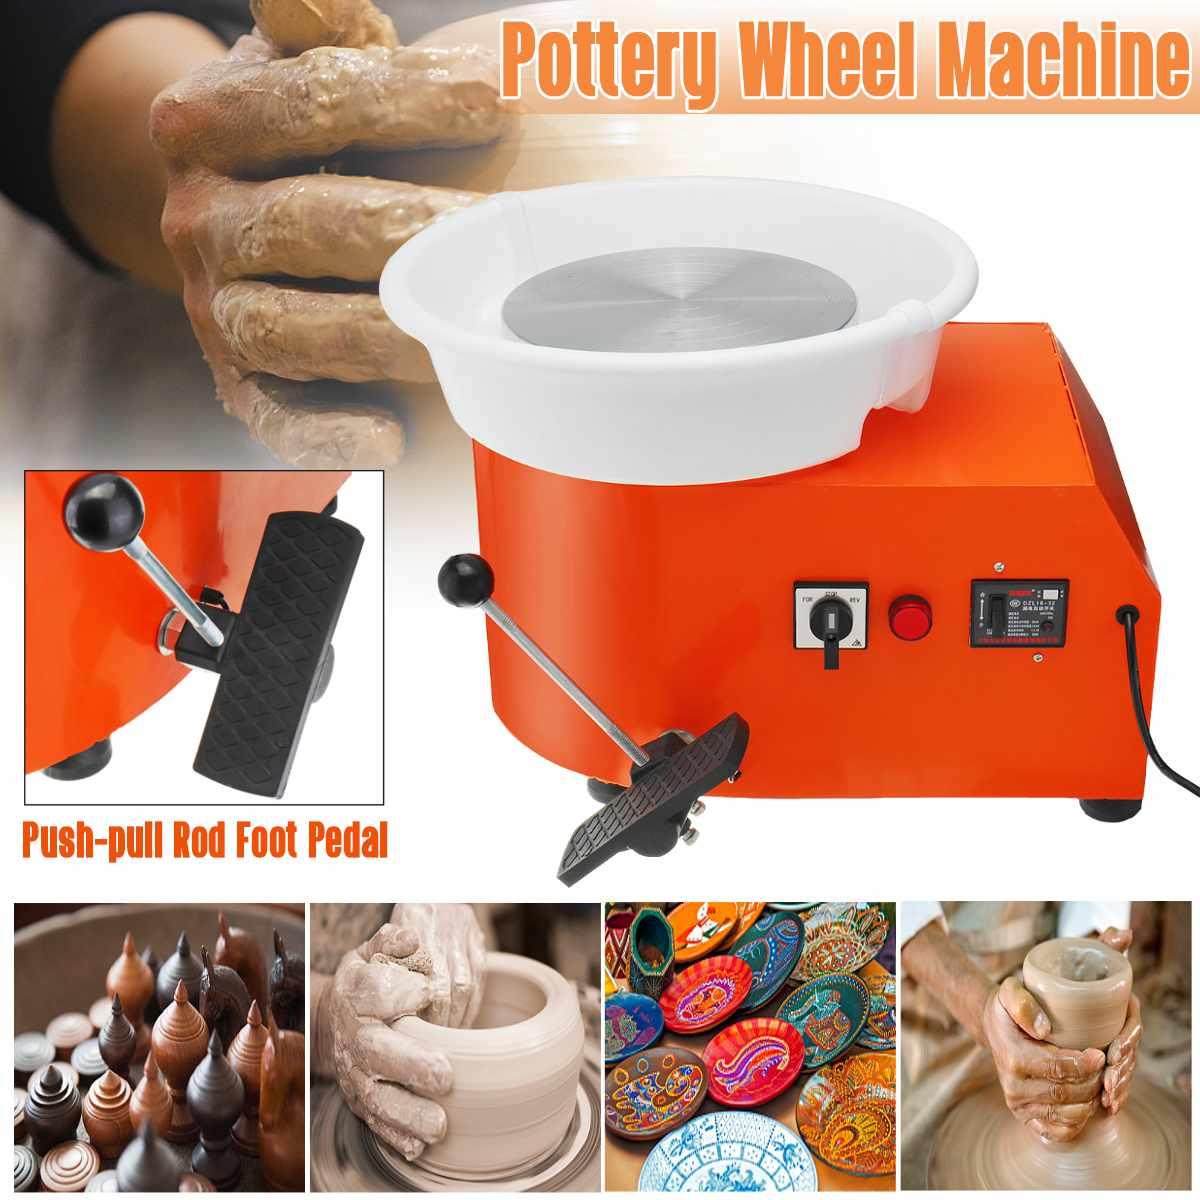 110/220 V US/AU/EU Plug 350 W poterie roue détachable Machine céramique travail argile artisanat Art pied pédale Flexible détachable lisse